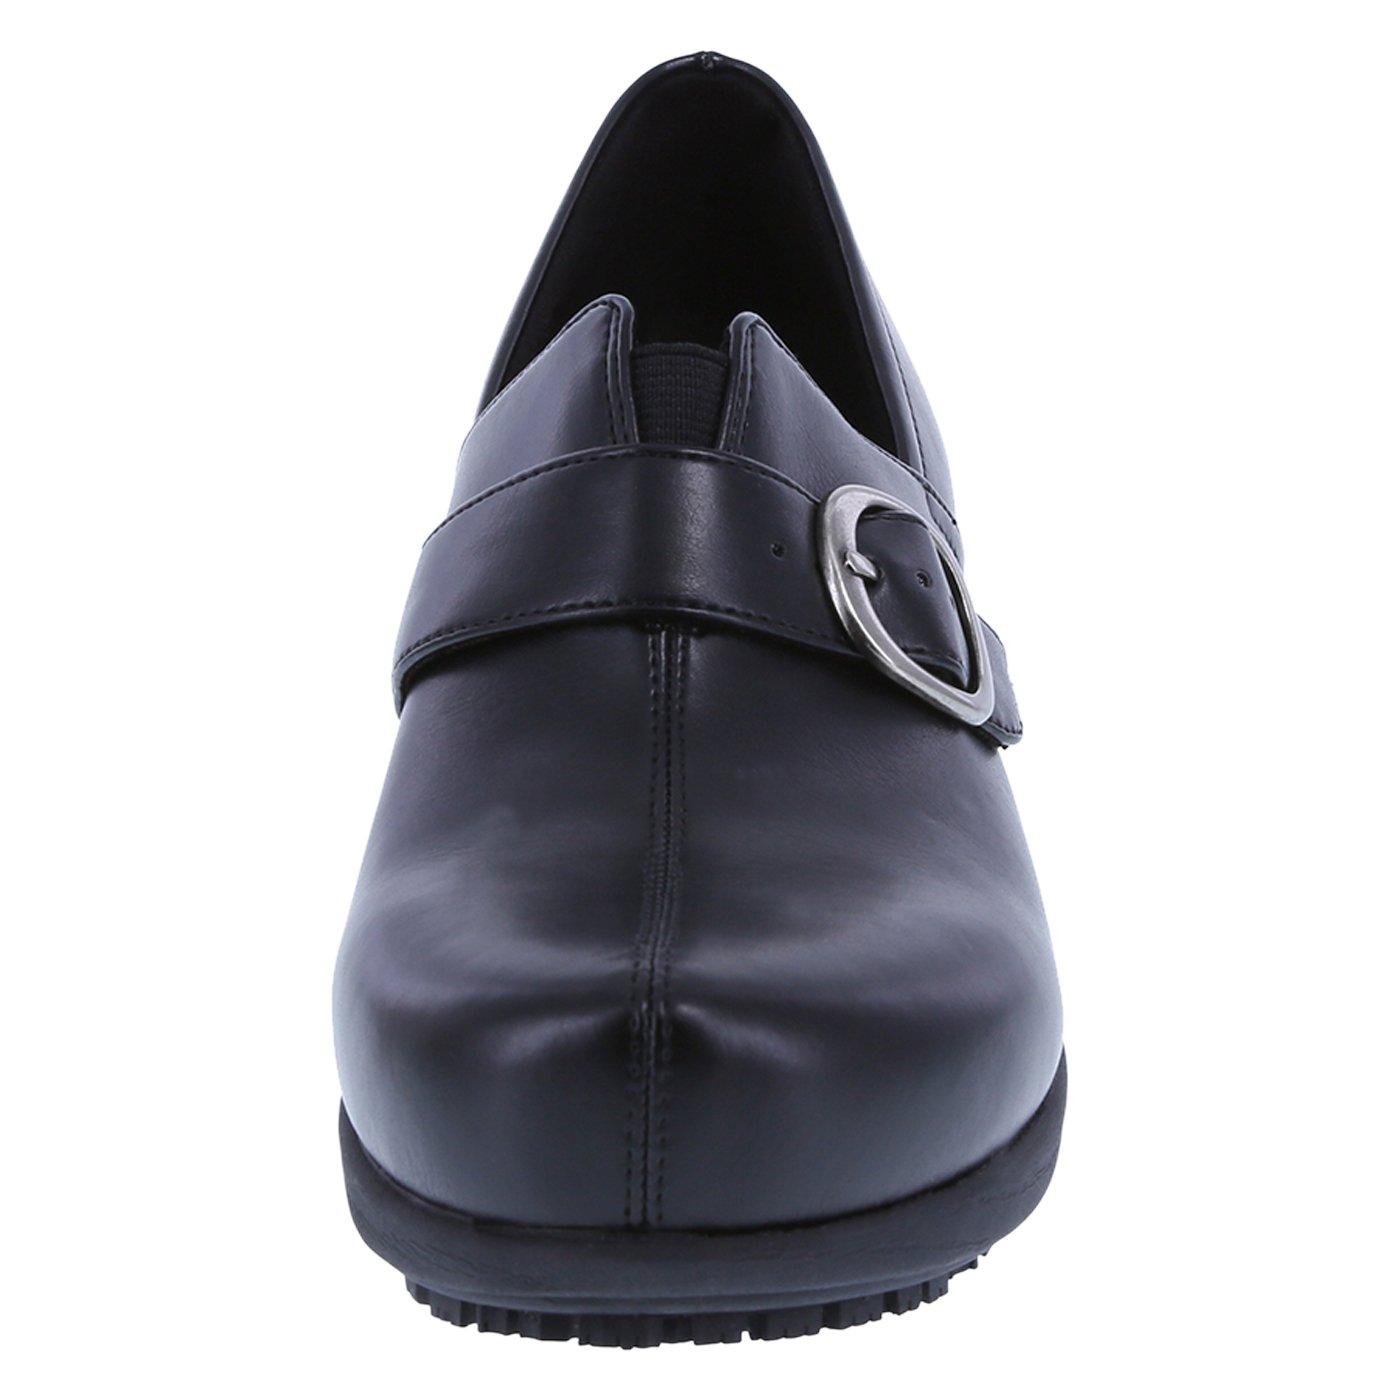 safeTstep Slip Resistant Women's Black Women's Buckle Gretchen Clog 8.5 Regular by safeTstep (Image #4)